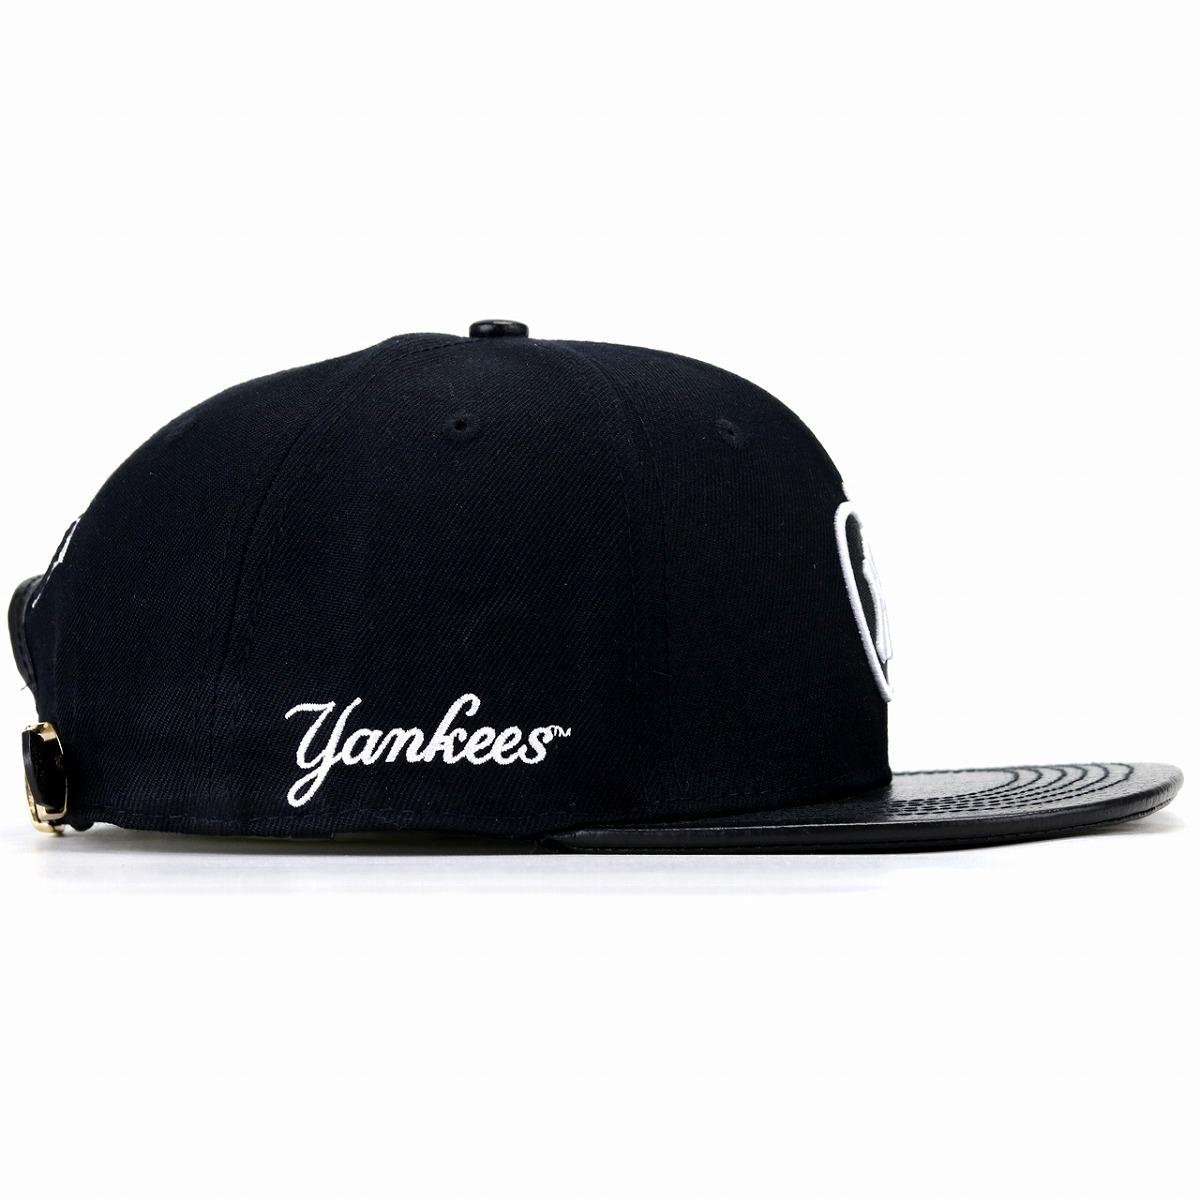 New York Yankees black big apple cap professional standard men gap Dis hat  MLB NewYorkYankees Pro Standard black   black  baseball cap  a544d3ed568